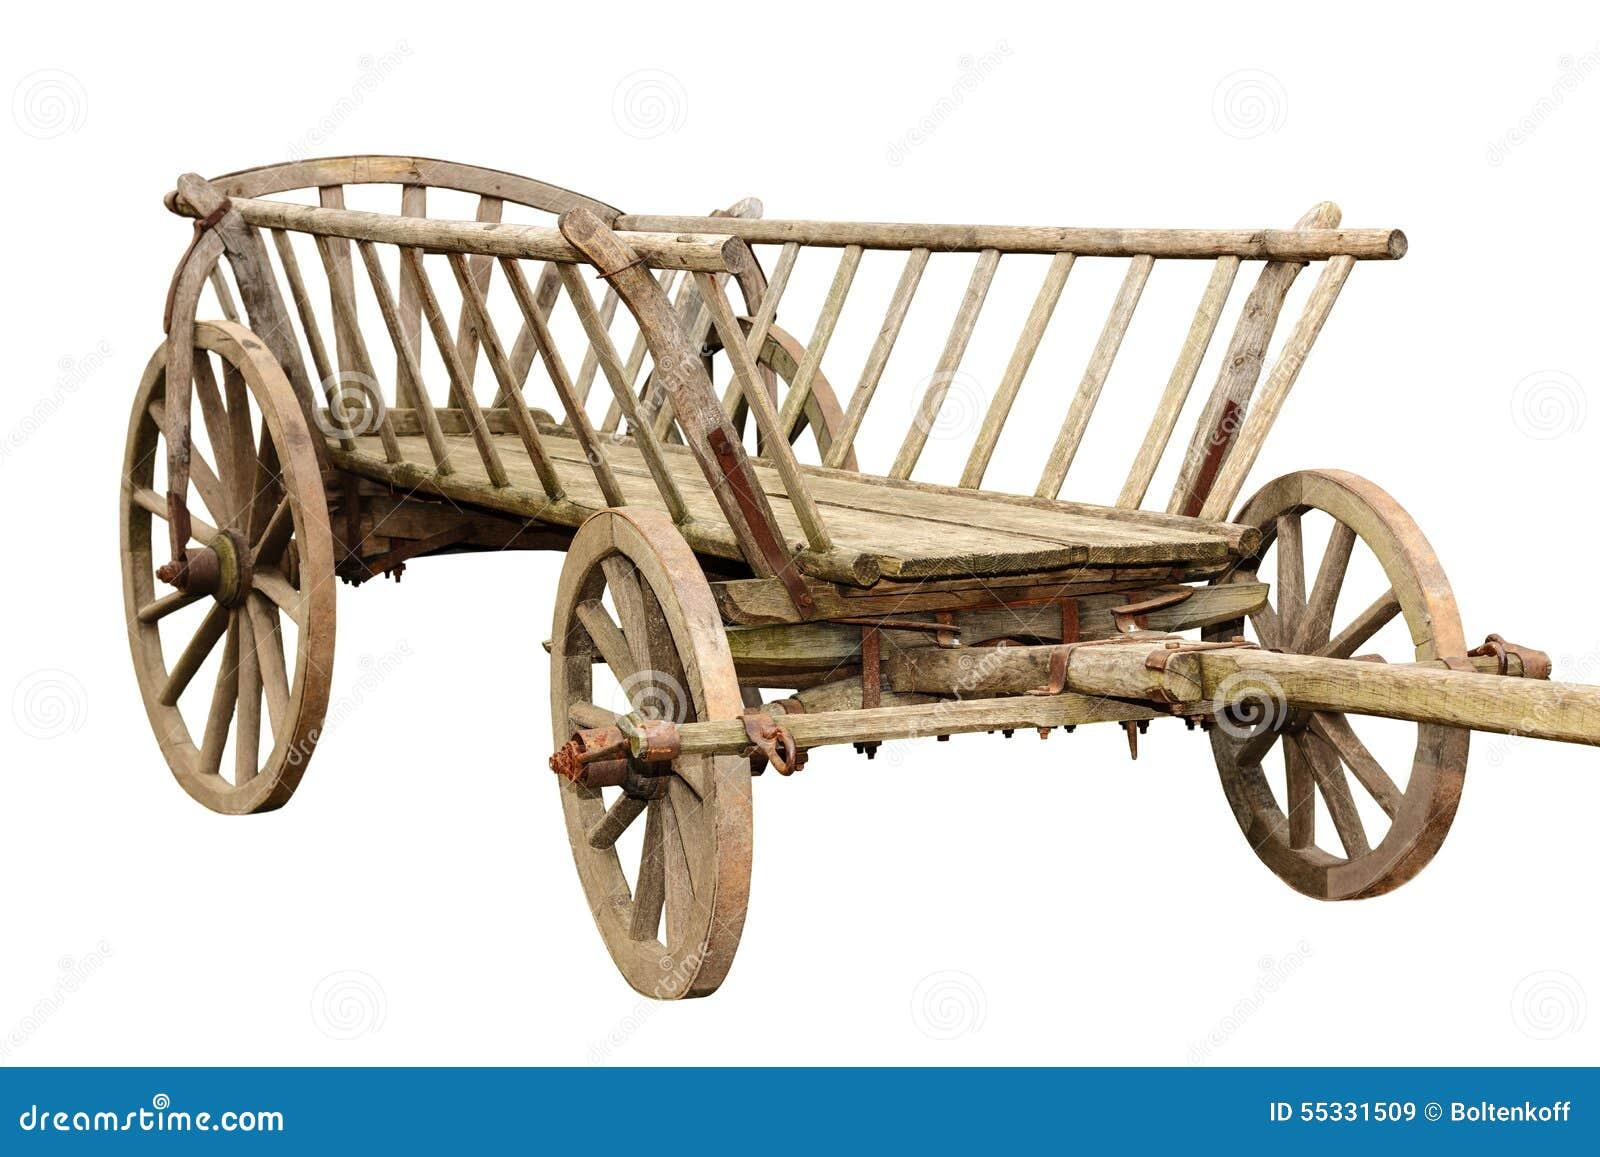 chariot en bois antique image stock image du v hicule 55331509. Black Bedroom Furniture Sets. Home Design Ideas